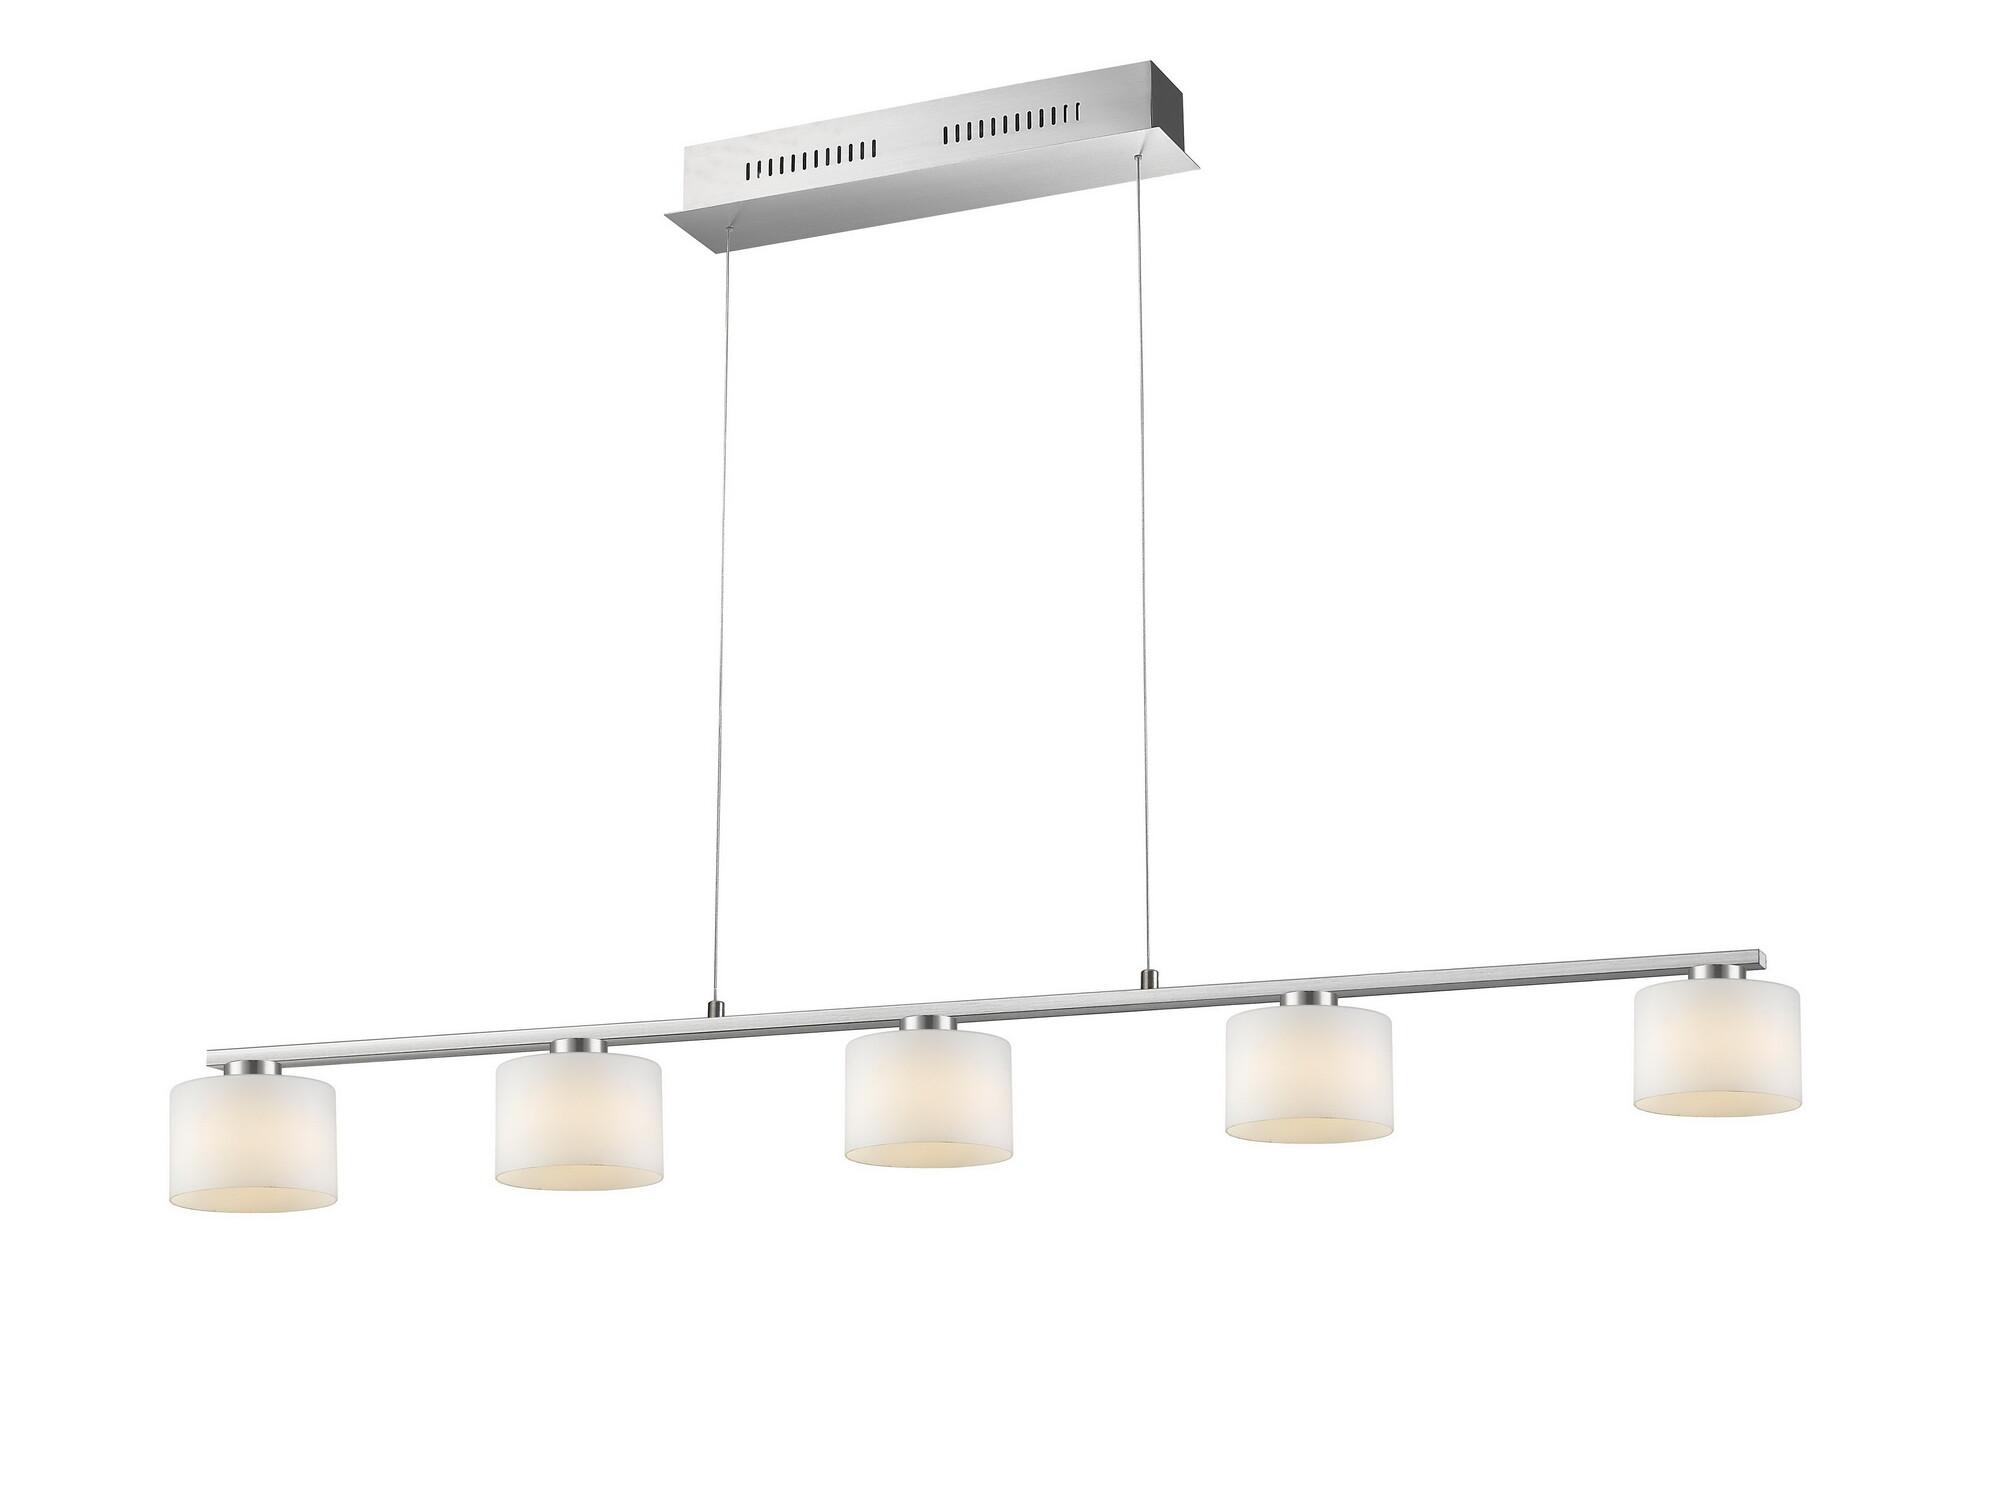 LEO hanglampen